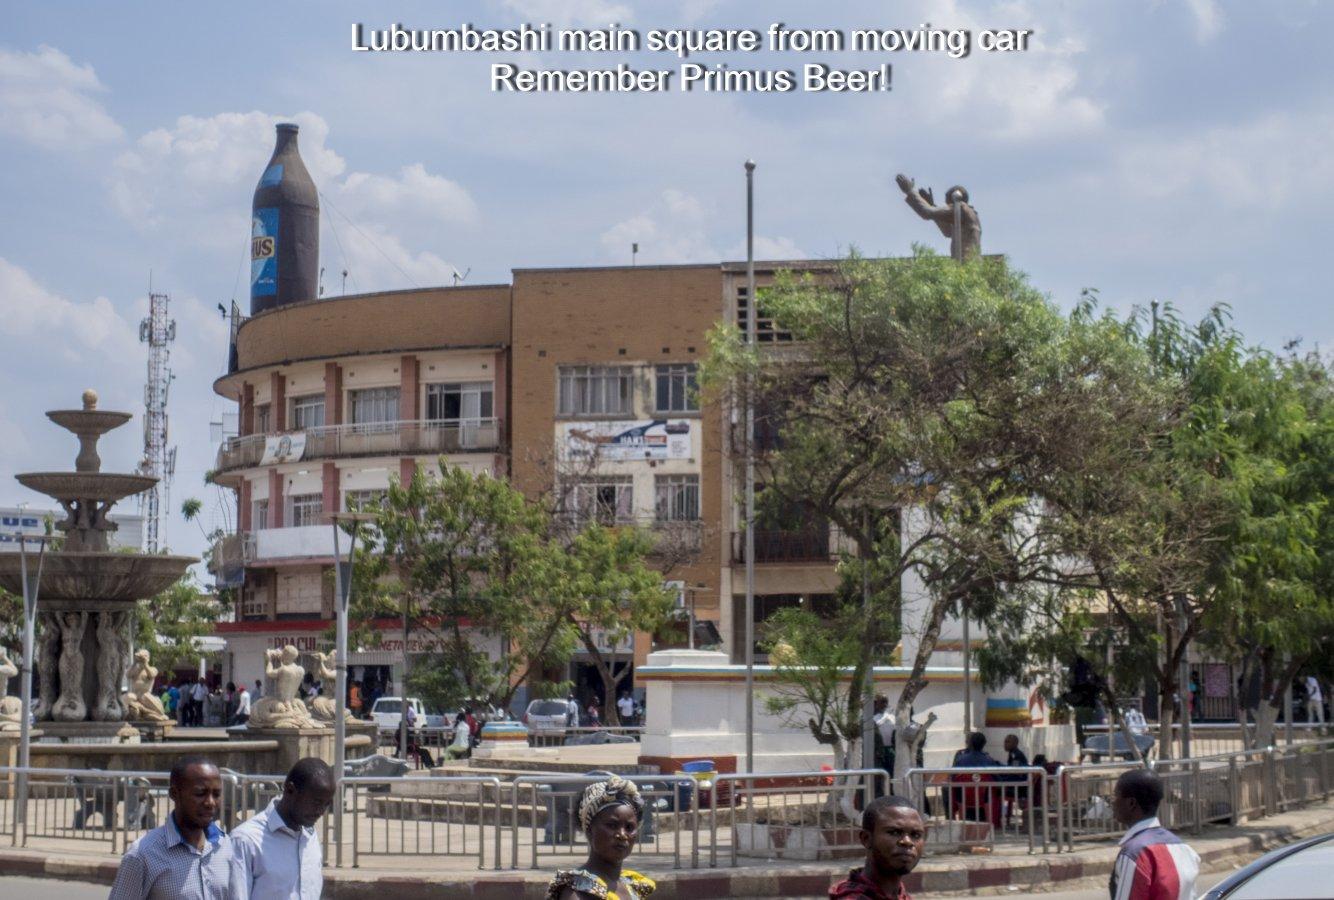 Lubumbashi City